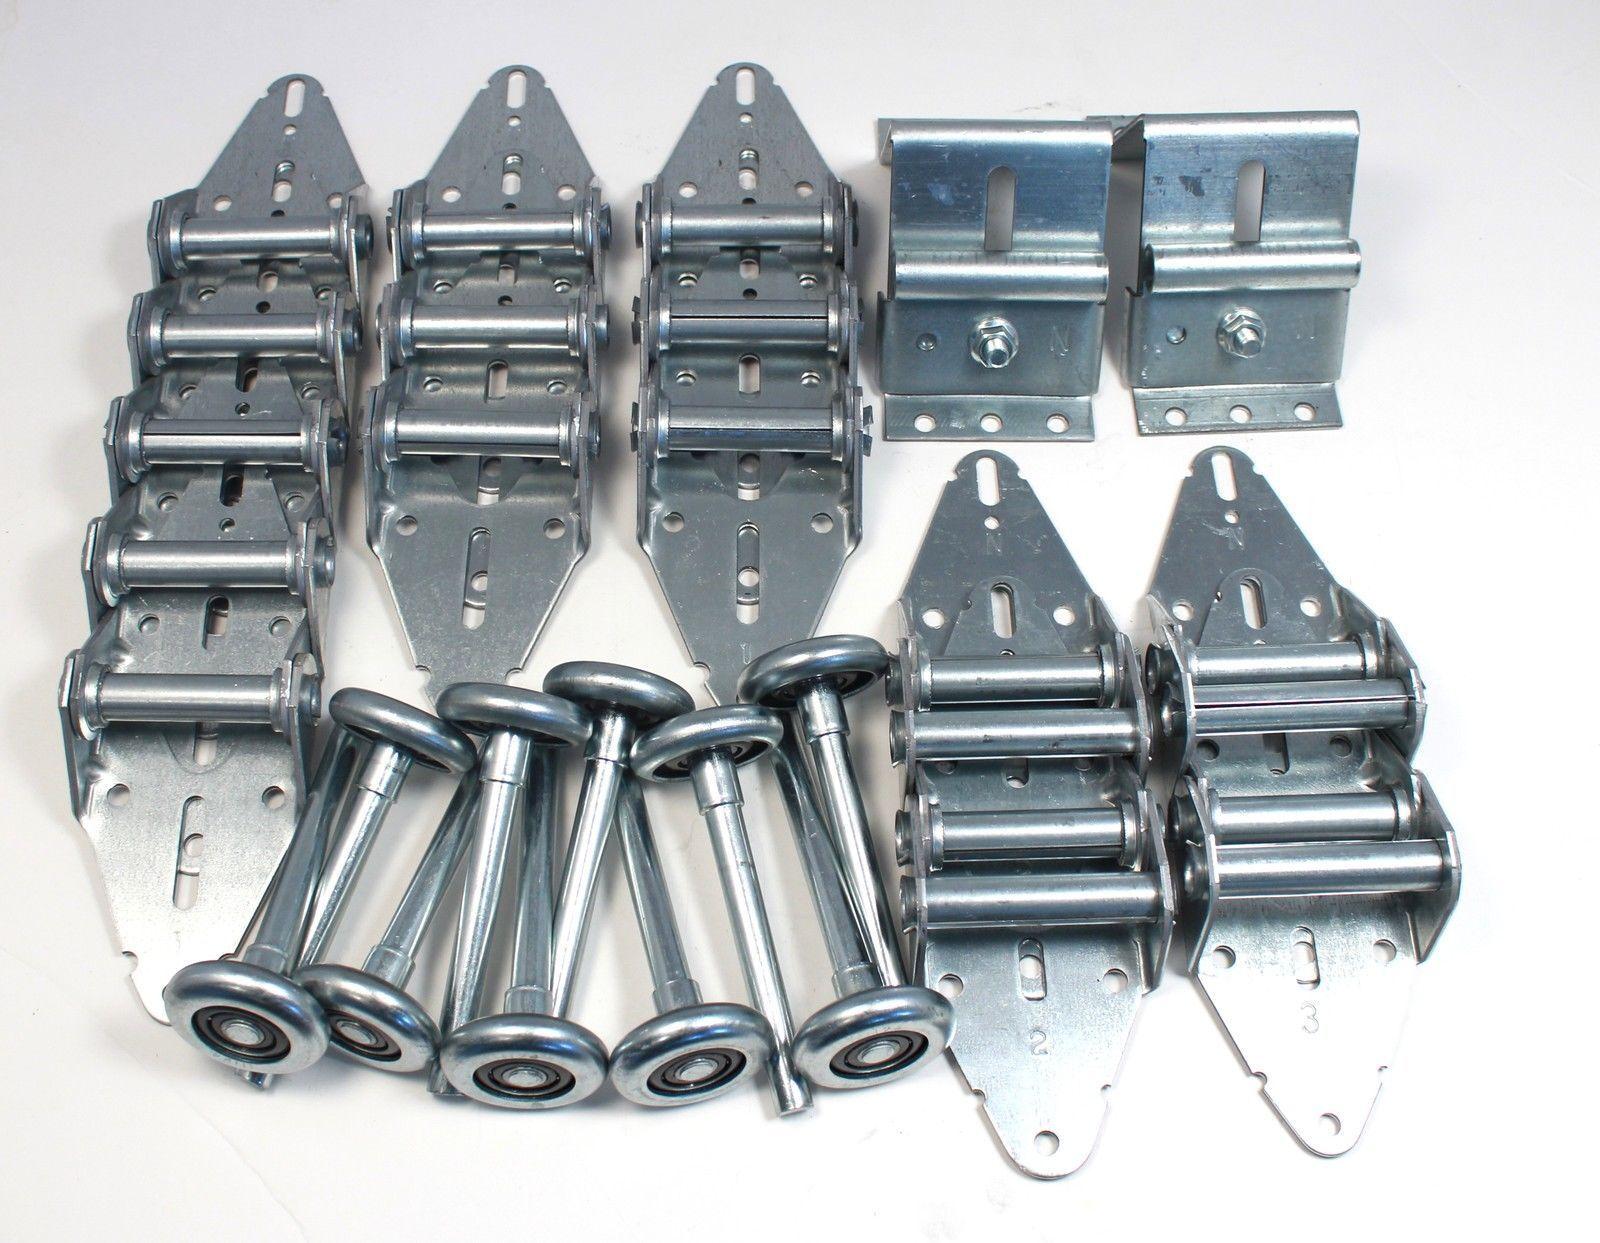 Garage Door 11 Gauge Hinge   Roller Kit for 16' X 7' or 18' X 7 w  Options